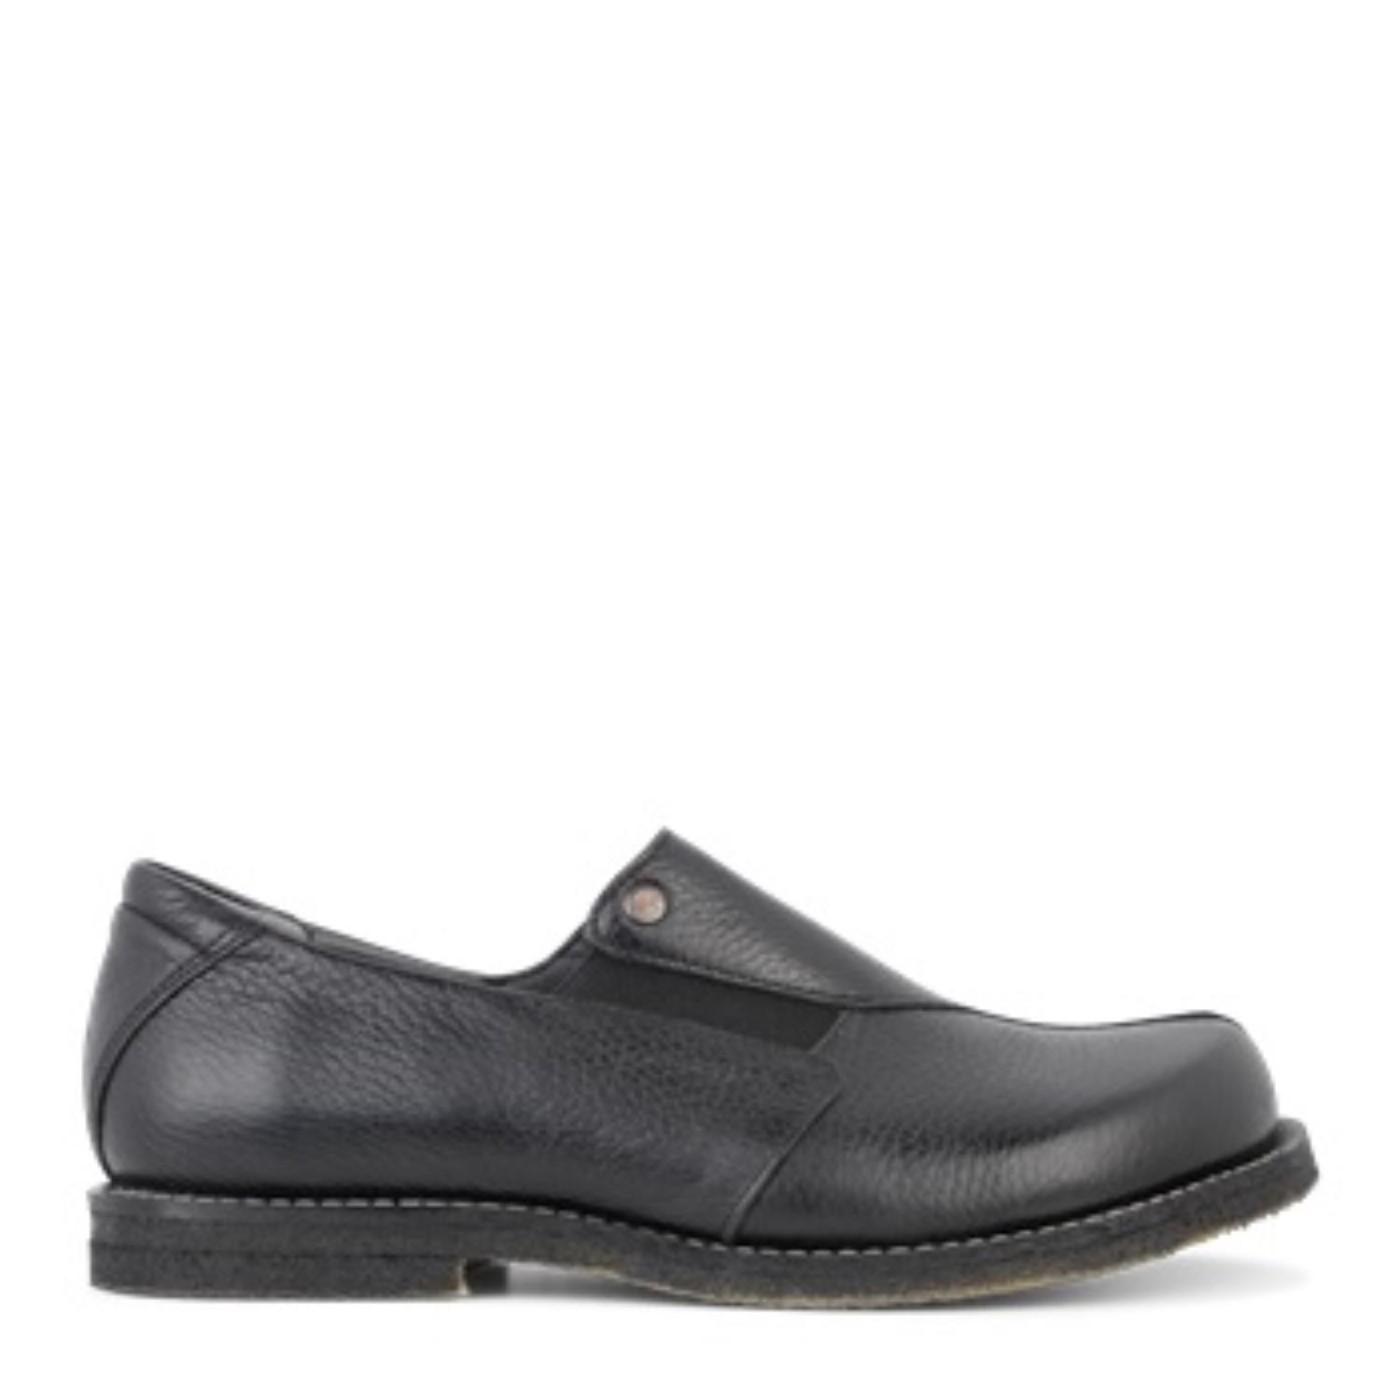 5ec6f552 Green Comfort Loafer (16244)